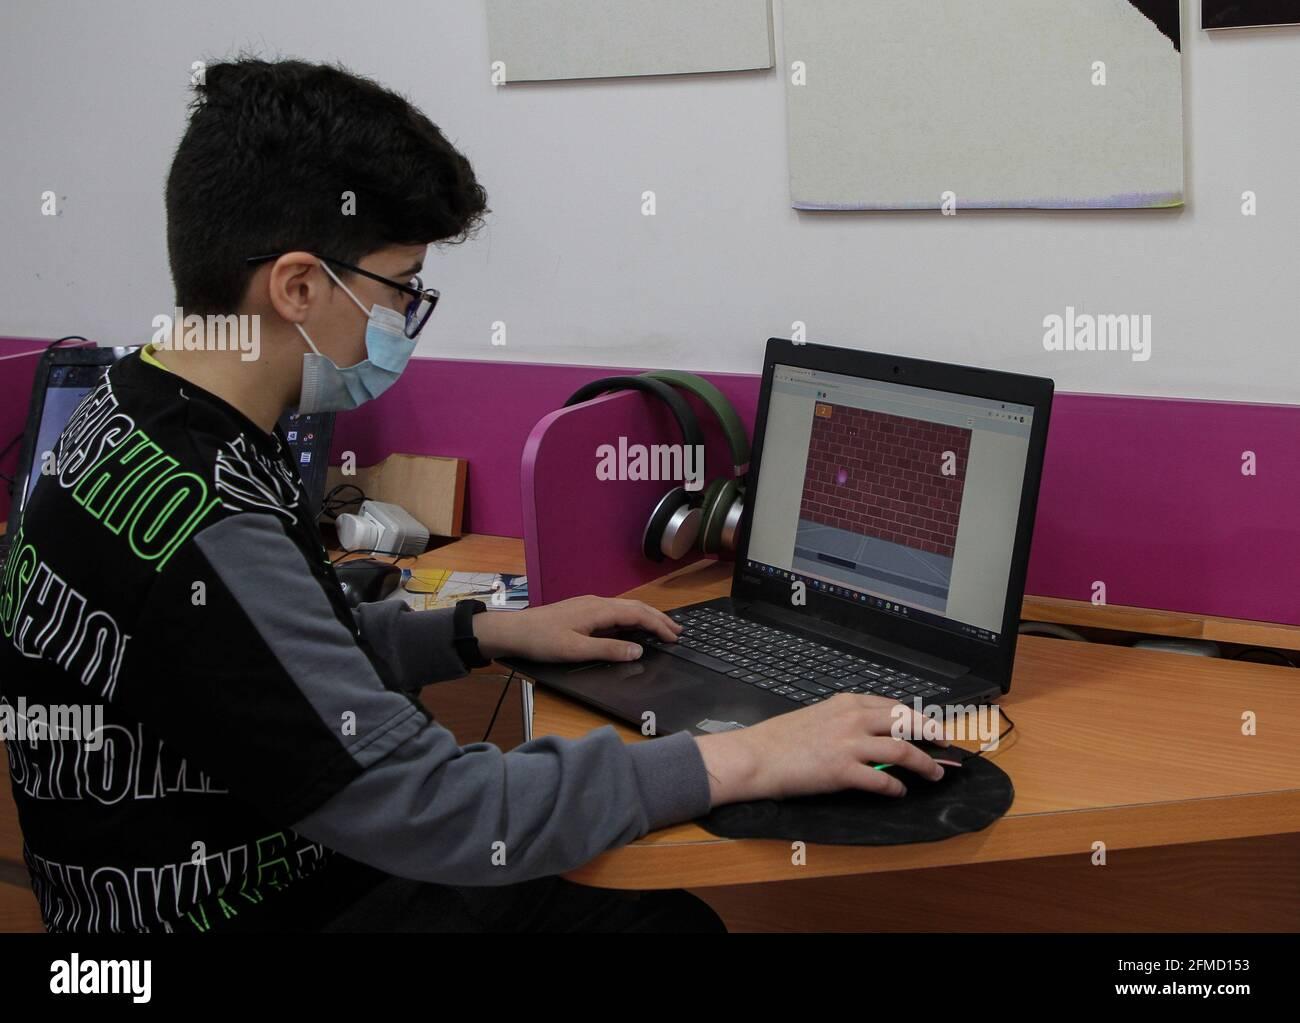 Gaza. 26 avril 2021. Nour al-DIN Fifil travaille sur son ordinateur portable à Gaza, le 26 avril 2021. Nour al-DIN Fifil, un enfant palestinien de la ville de Gaza, est connu pour ses compétences en programmation et en conception de jeux électroniques. POUR ALLER AVEC 'Feature: Gazan enfant excelle dans la programmation, la conception de jeux électroniques' Credit: Rizek Abdeljawad/Xinhua/Alay Live News Banque D'Images